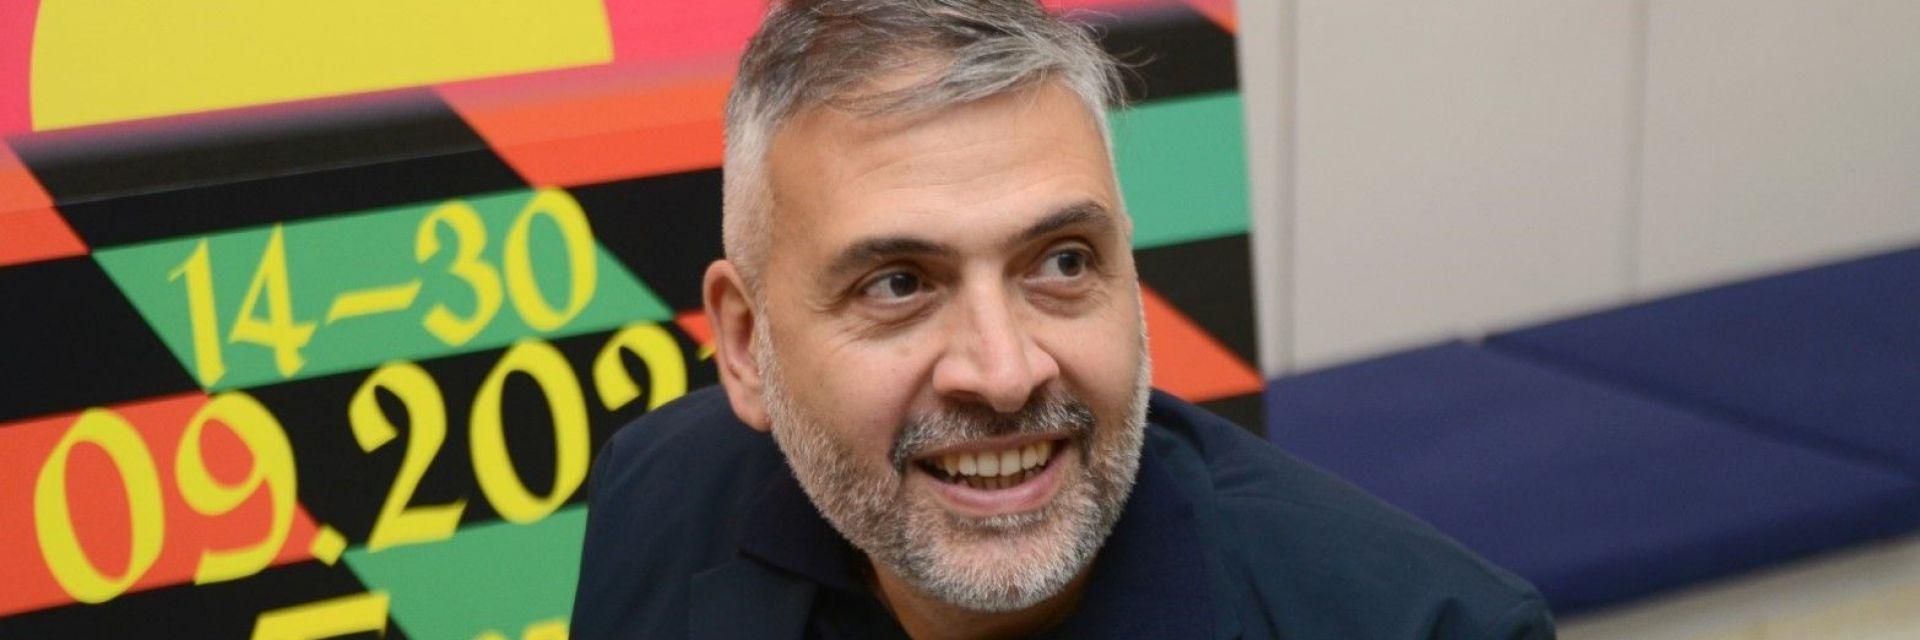 Режисьорът Леван Когуашвили: Грузинското кино говори за тъжни неща с жизнерадост